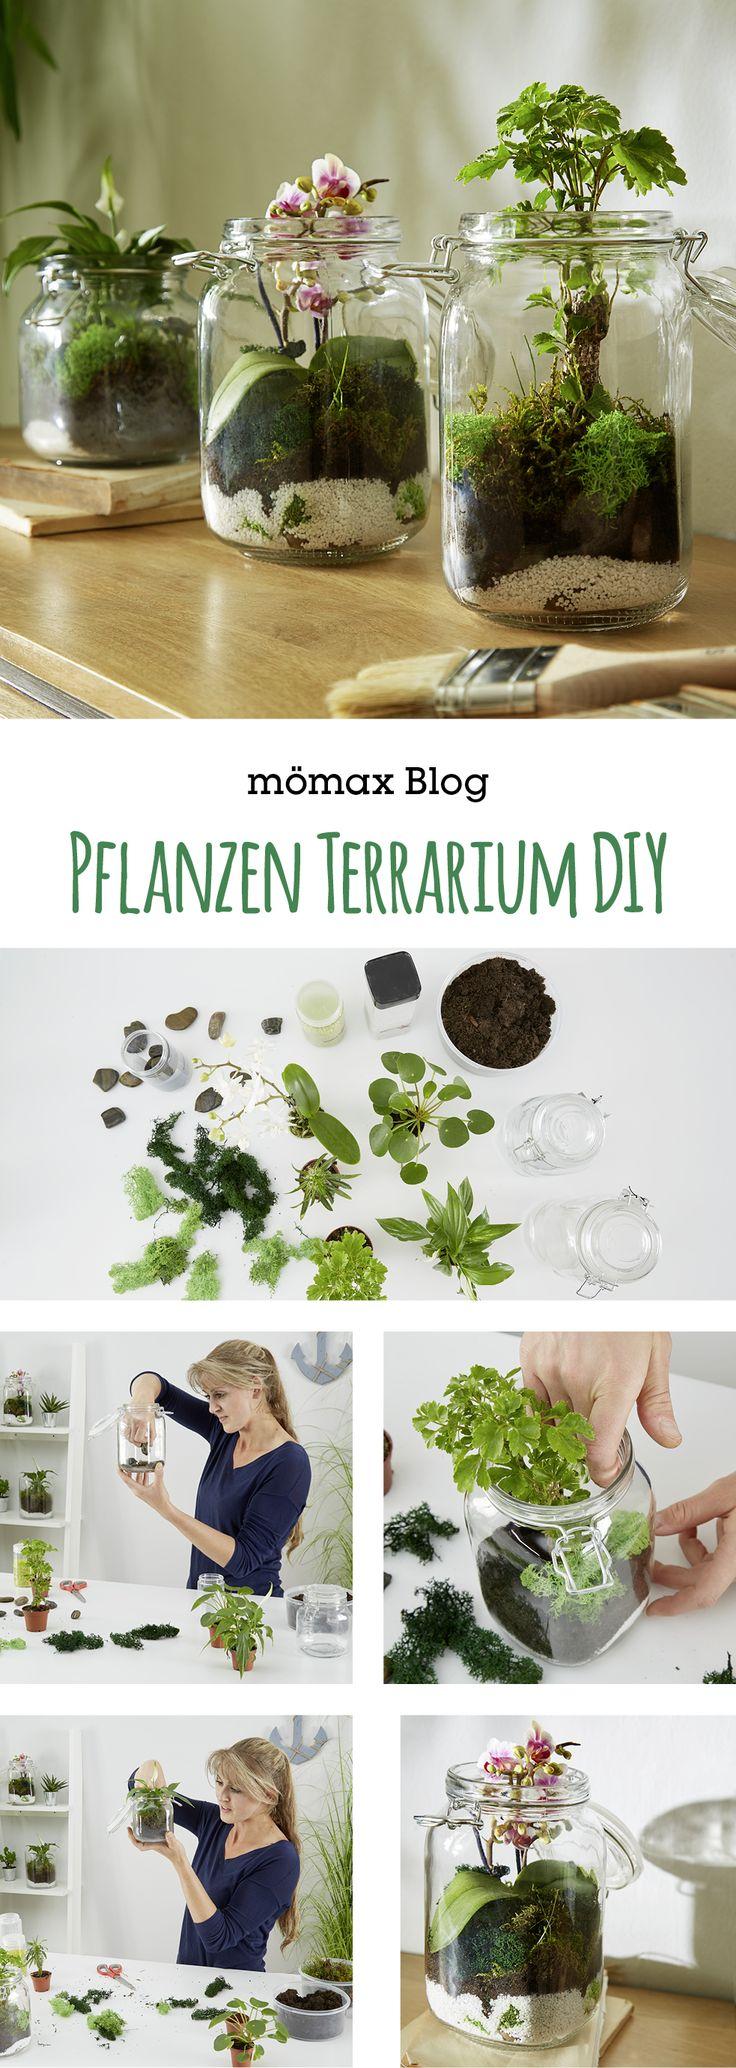 Pflanzen Terrarium selber machen – mömax